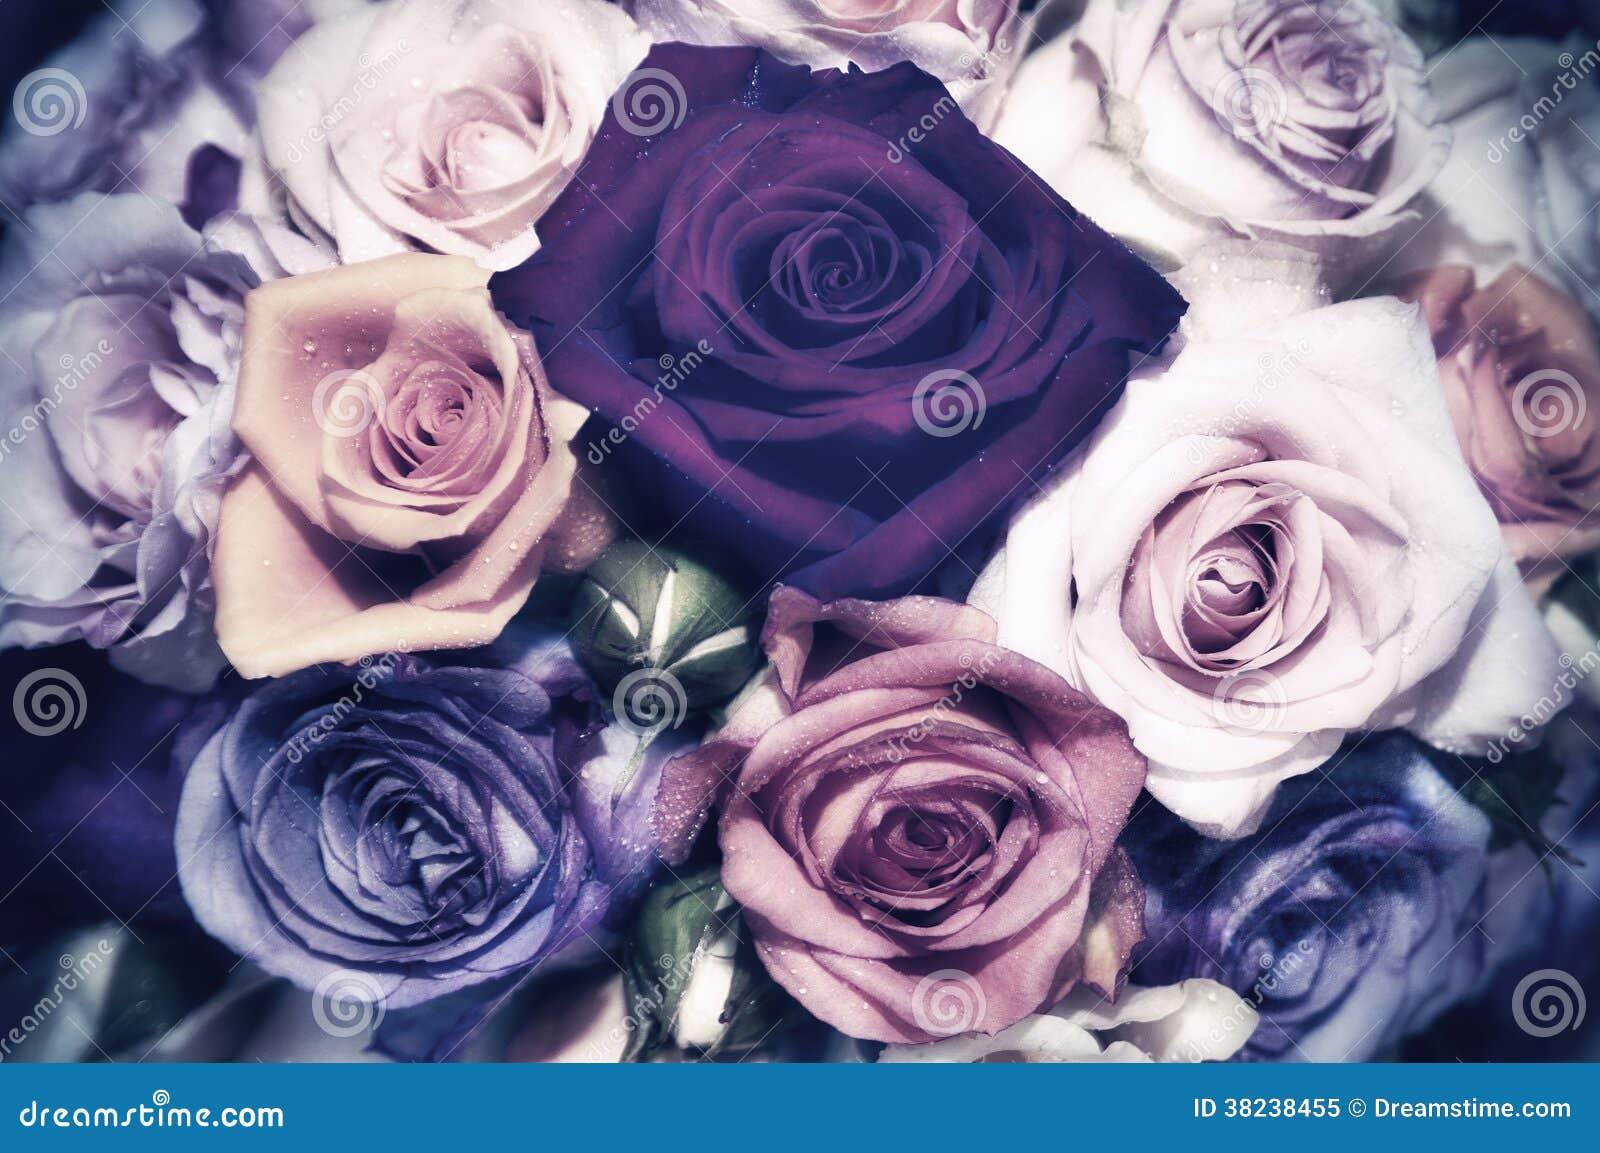 Roses - vintage look